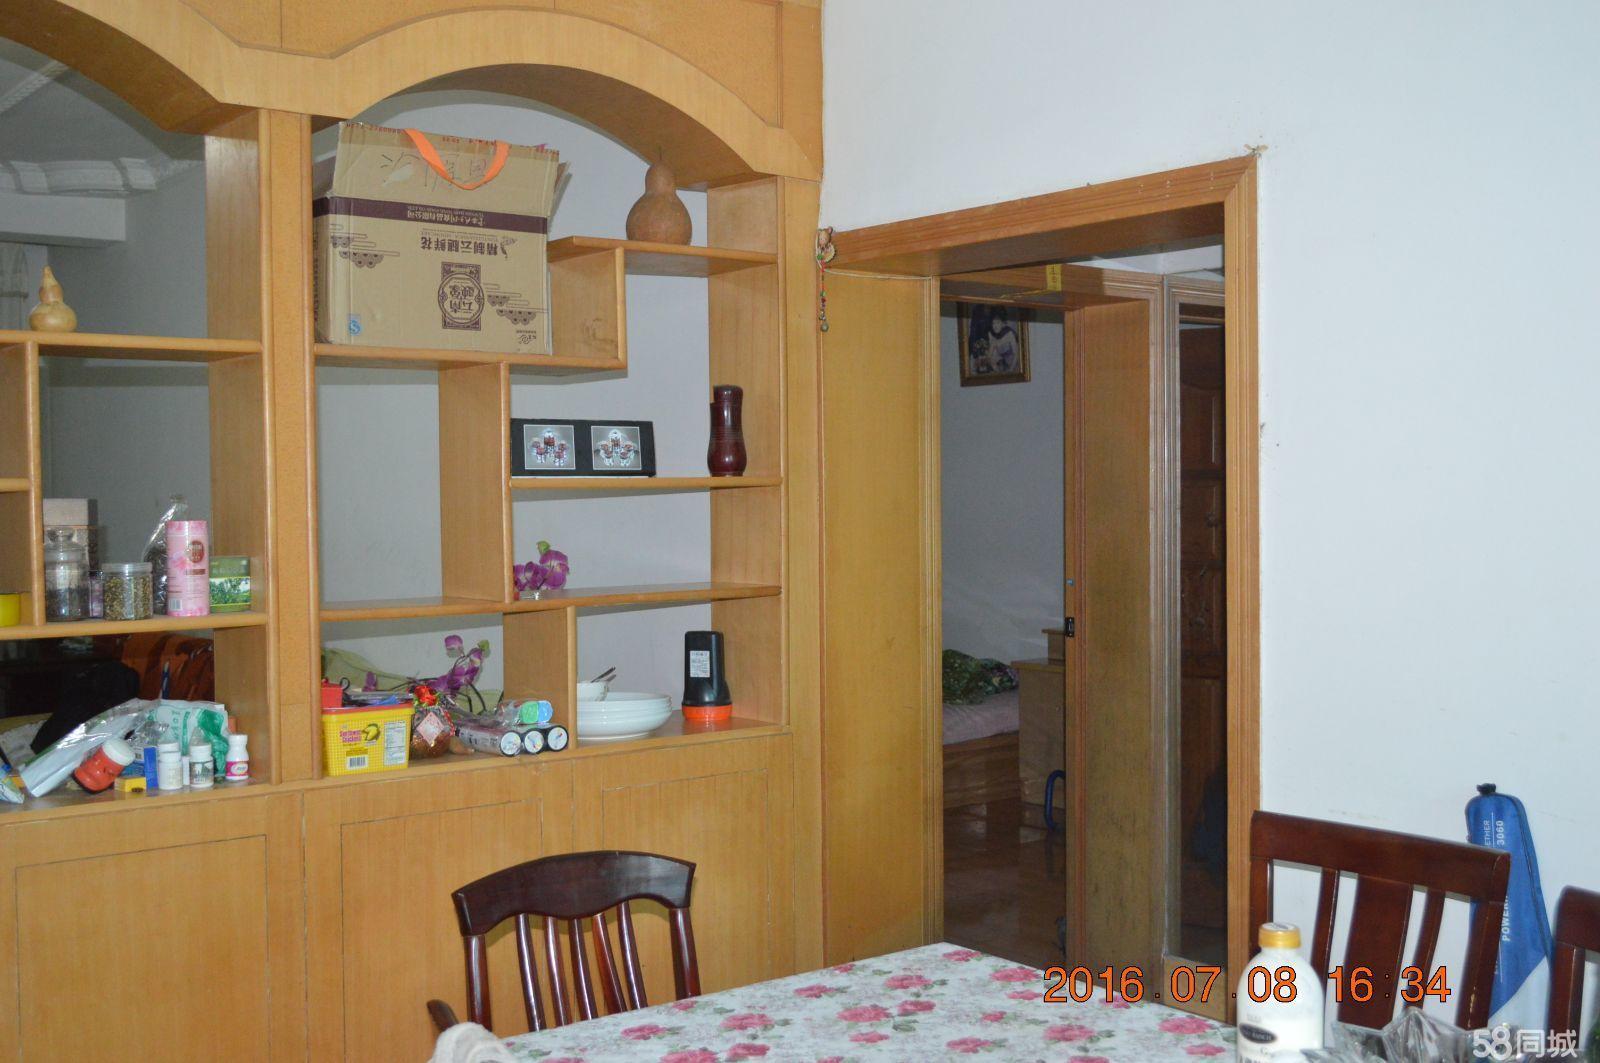 (出售)澳门拉斯维加斯游戏澳门拉斯维加斯游戏县糖业小区三室两厅两卫